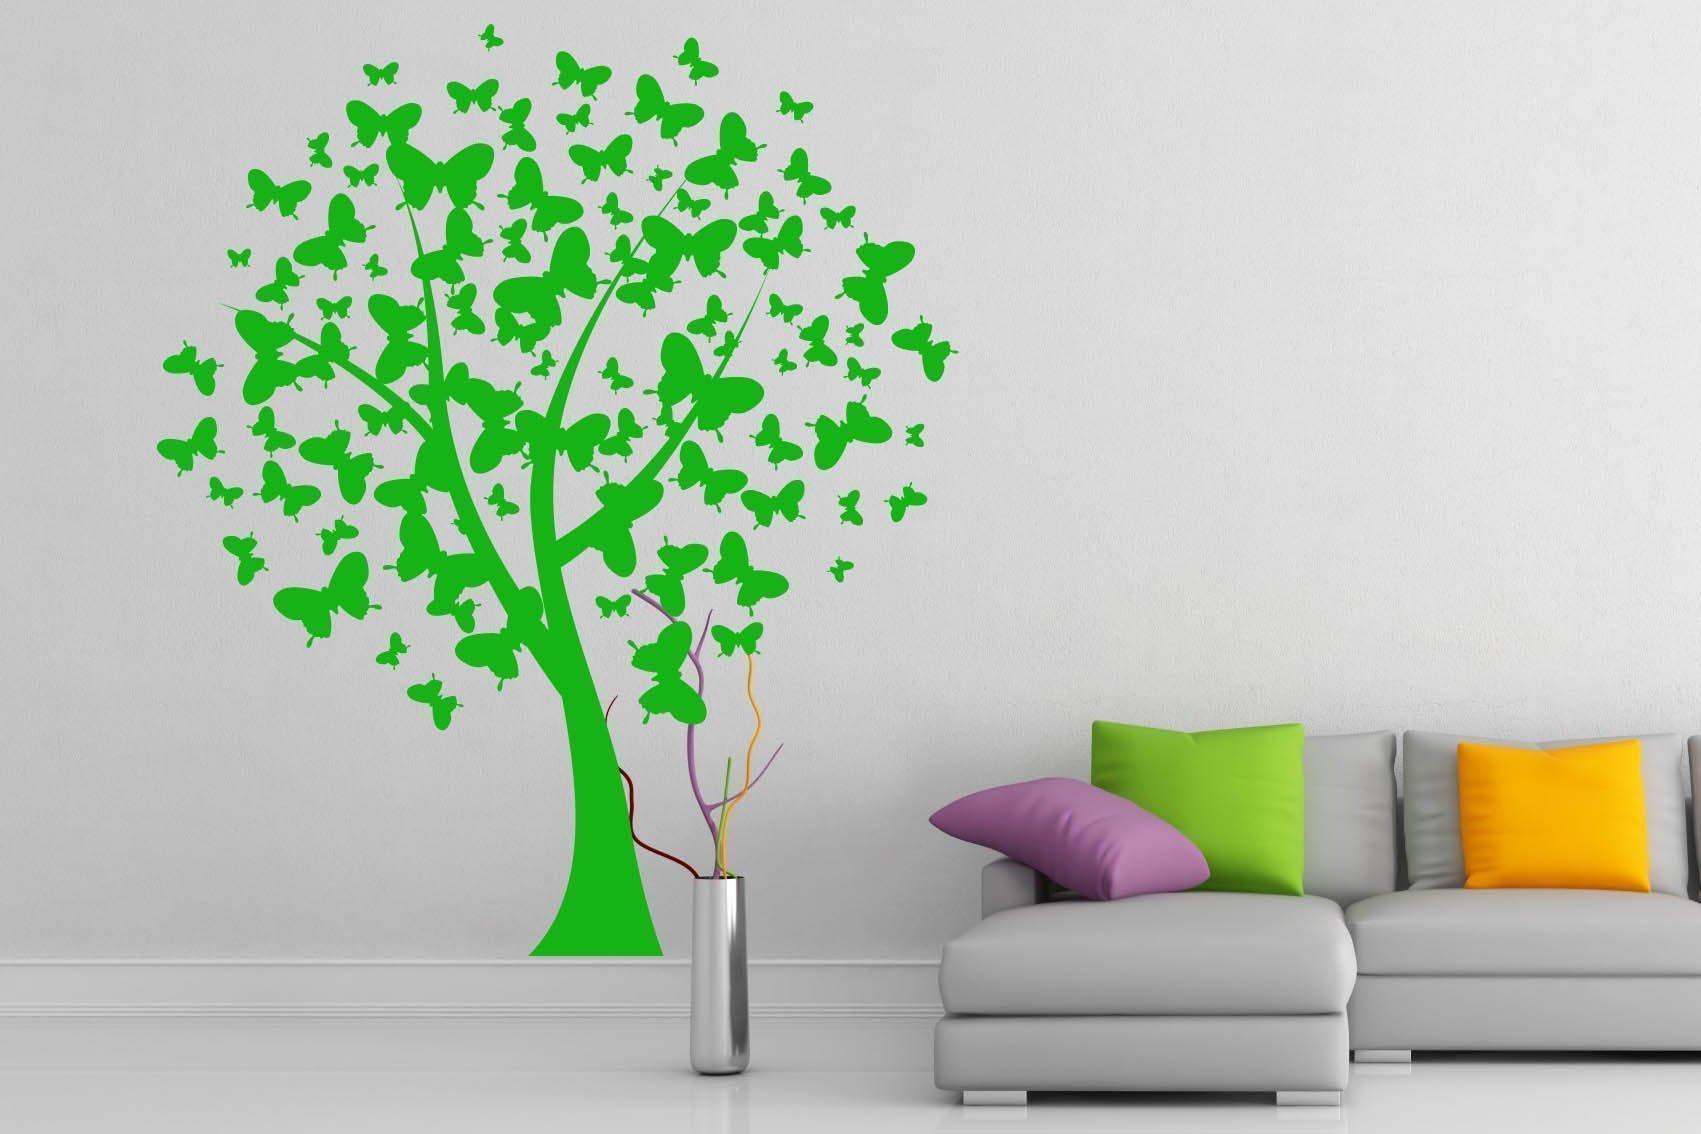 Grønt tre på en hvit vegg